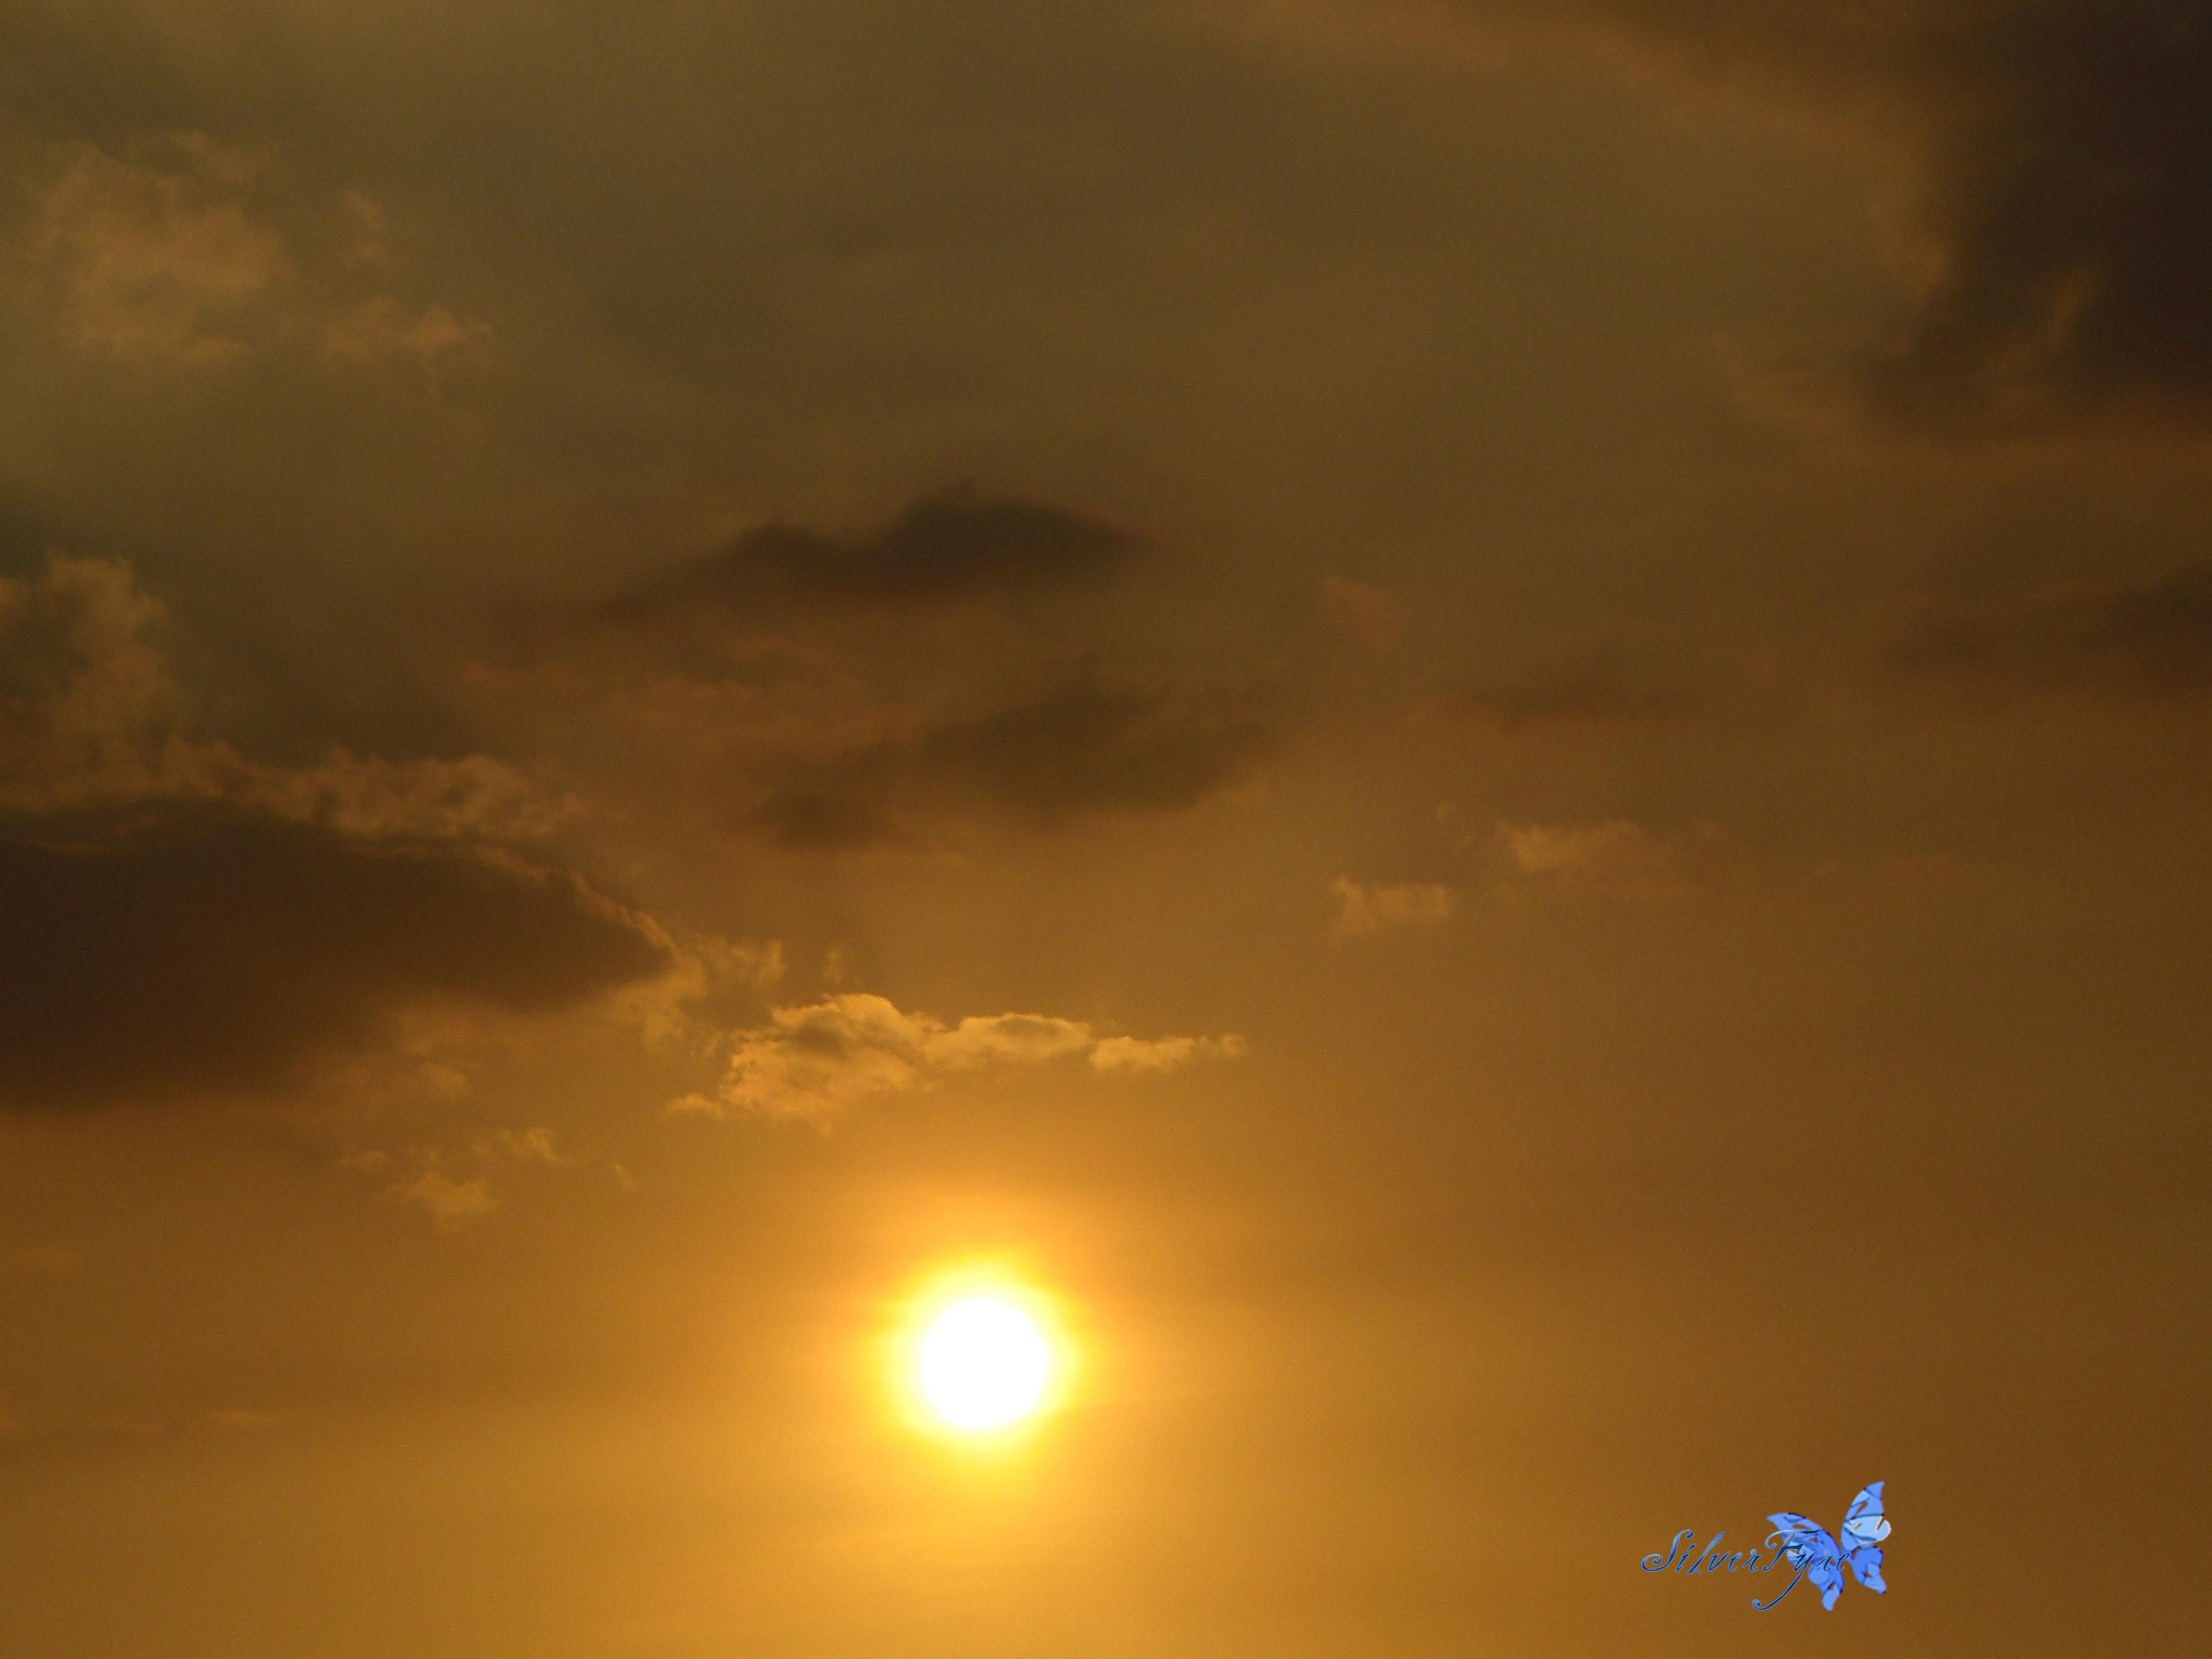 Sky: Summer Sun II by bloodyblue